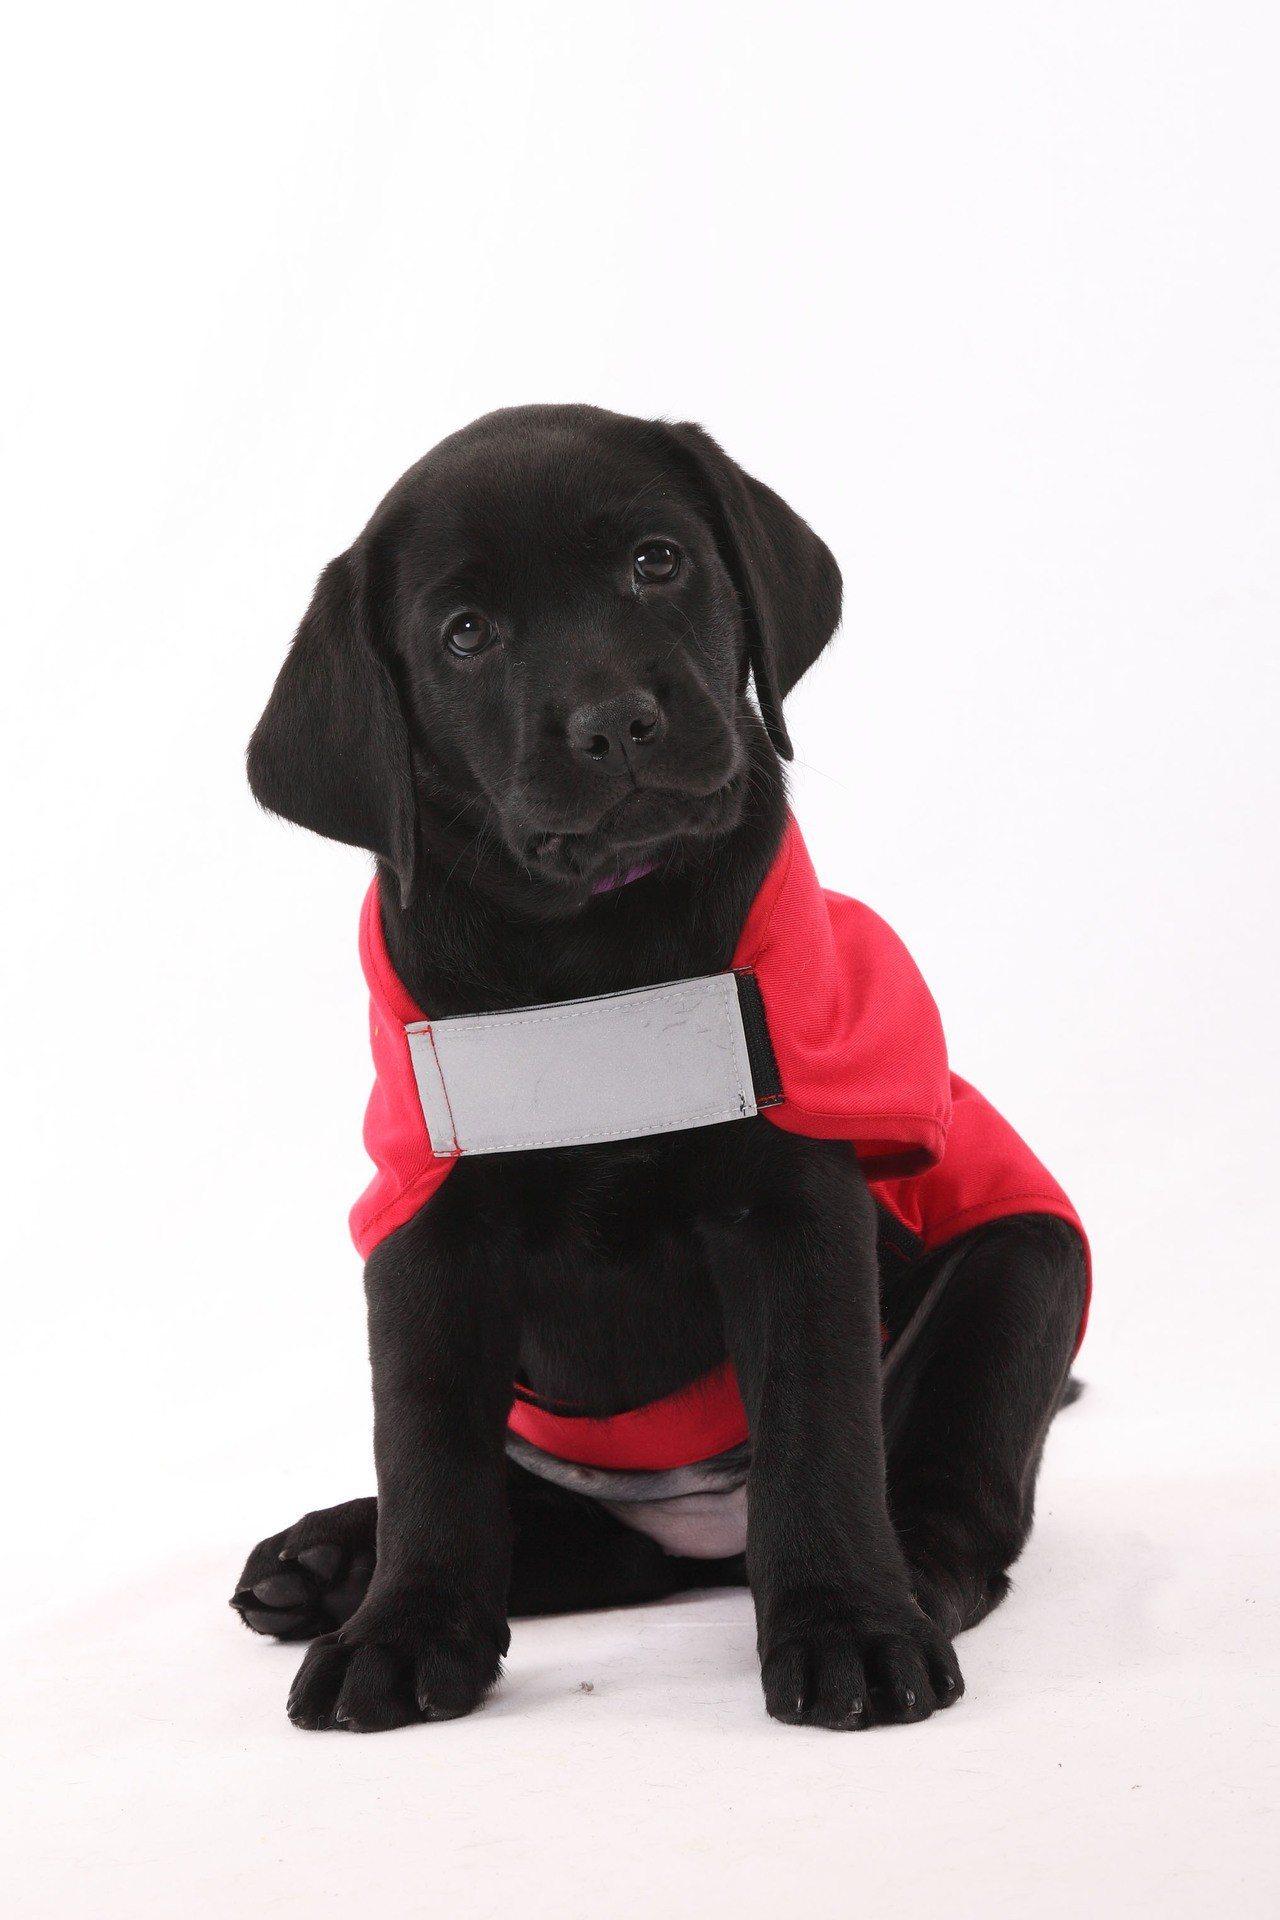 幼犬要經過嚴格篩選與訓練才能成為導盲犬。圖/惠光導盲犬學校提供